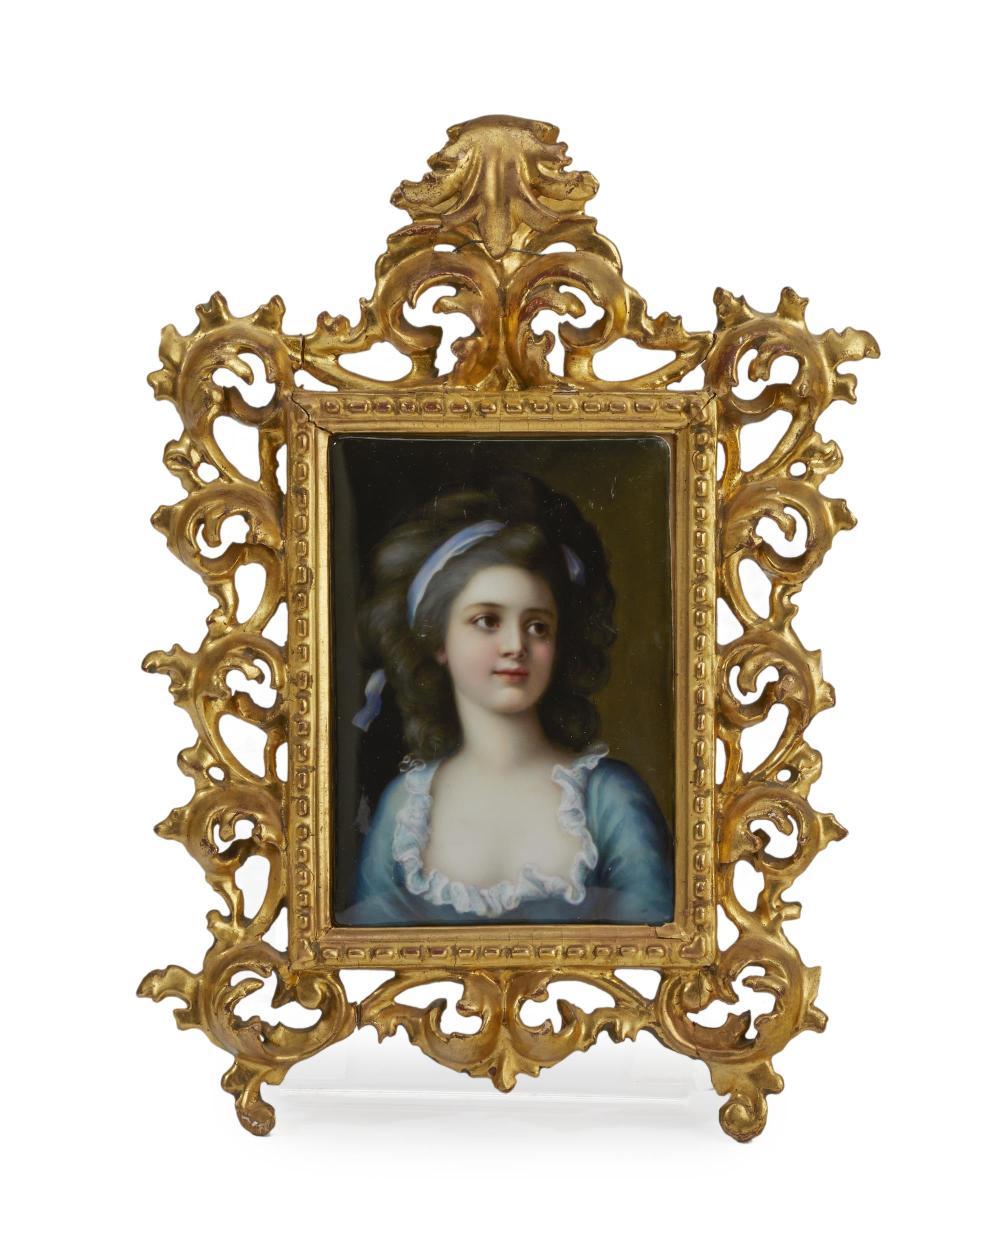 A framed painted porcelain portrait plaque